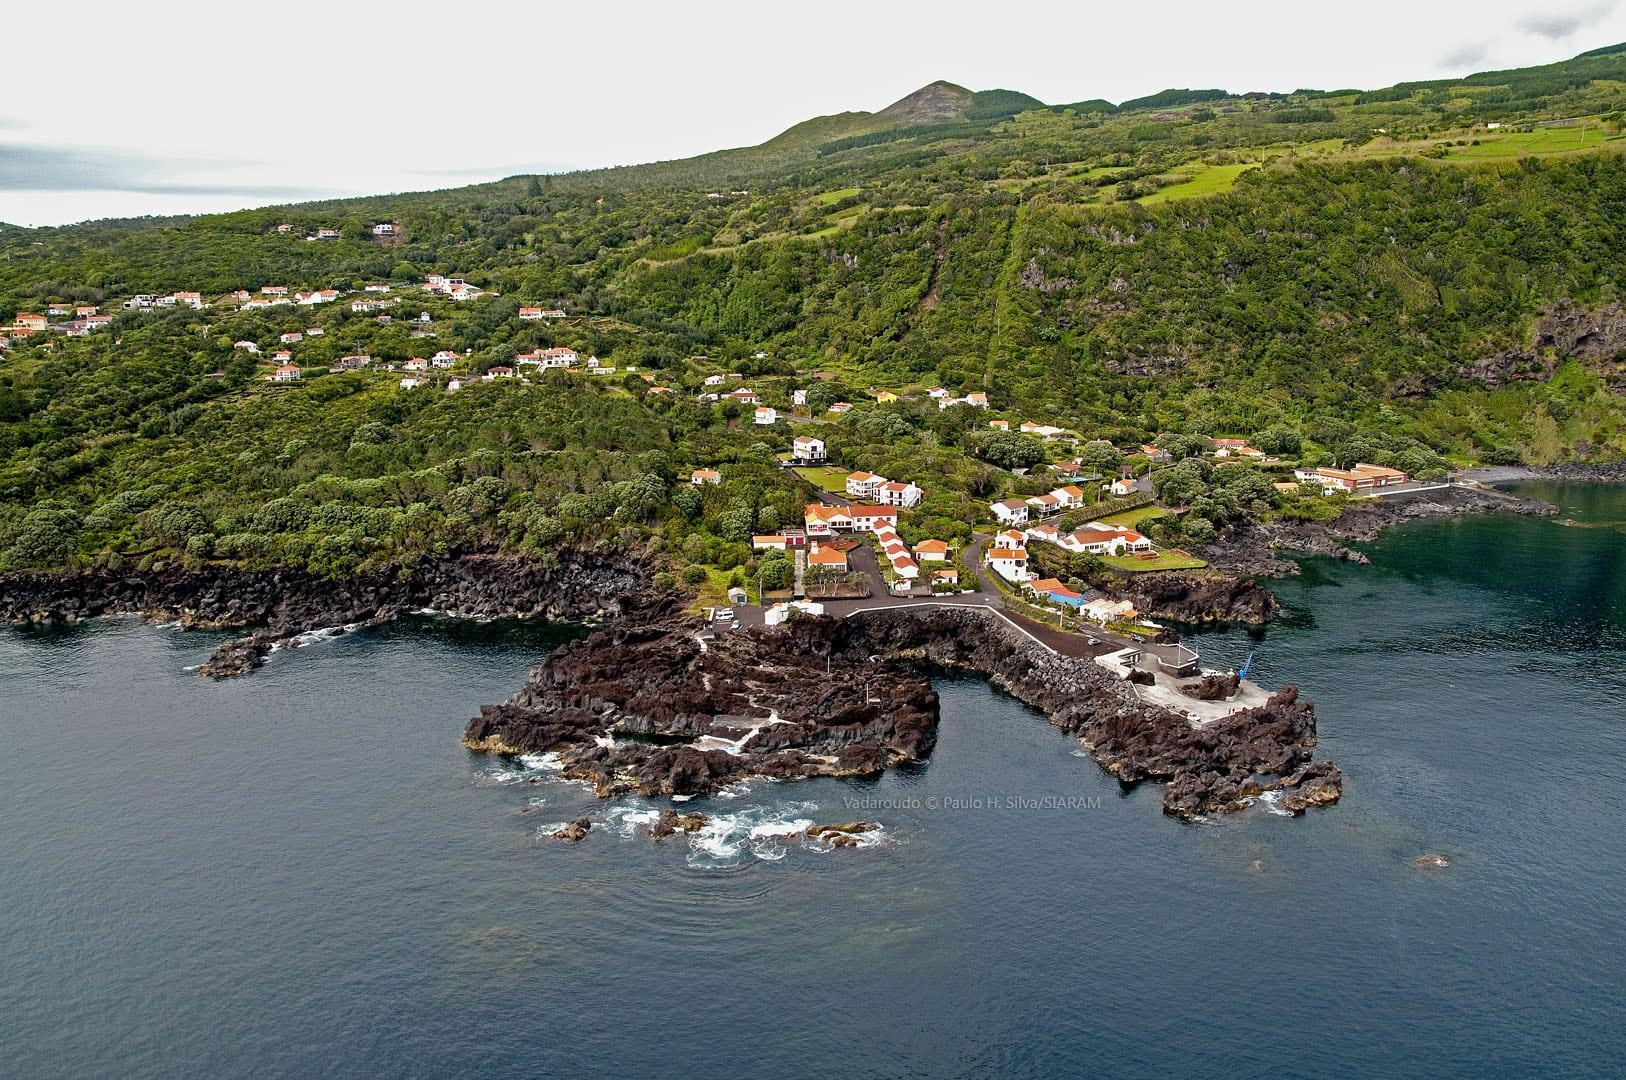 Piscinas do Varadouro - Ilha do Faial - Açores